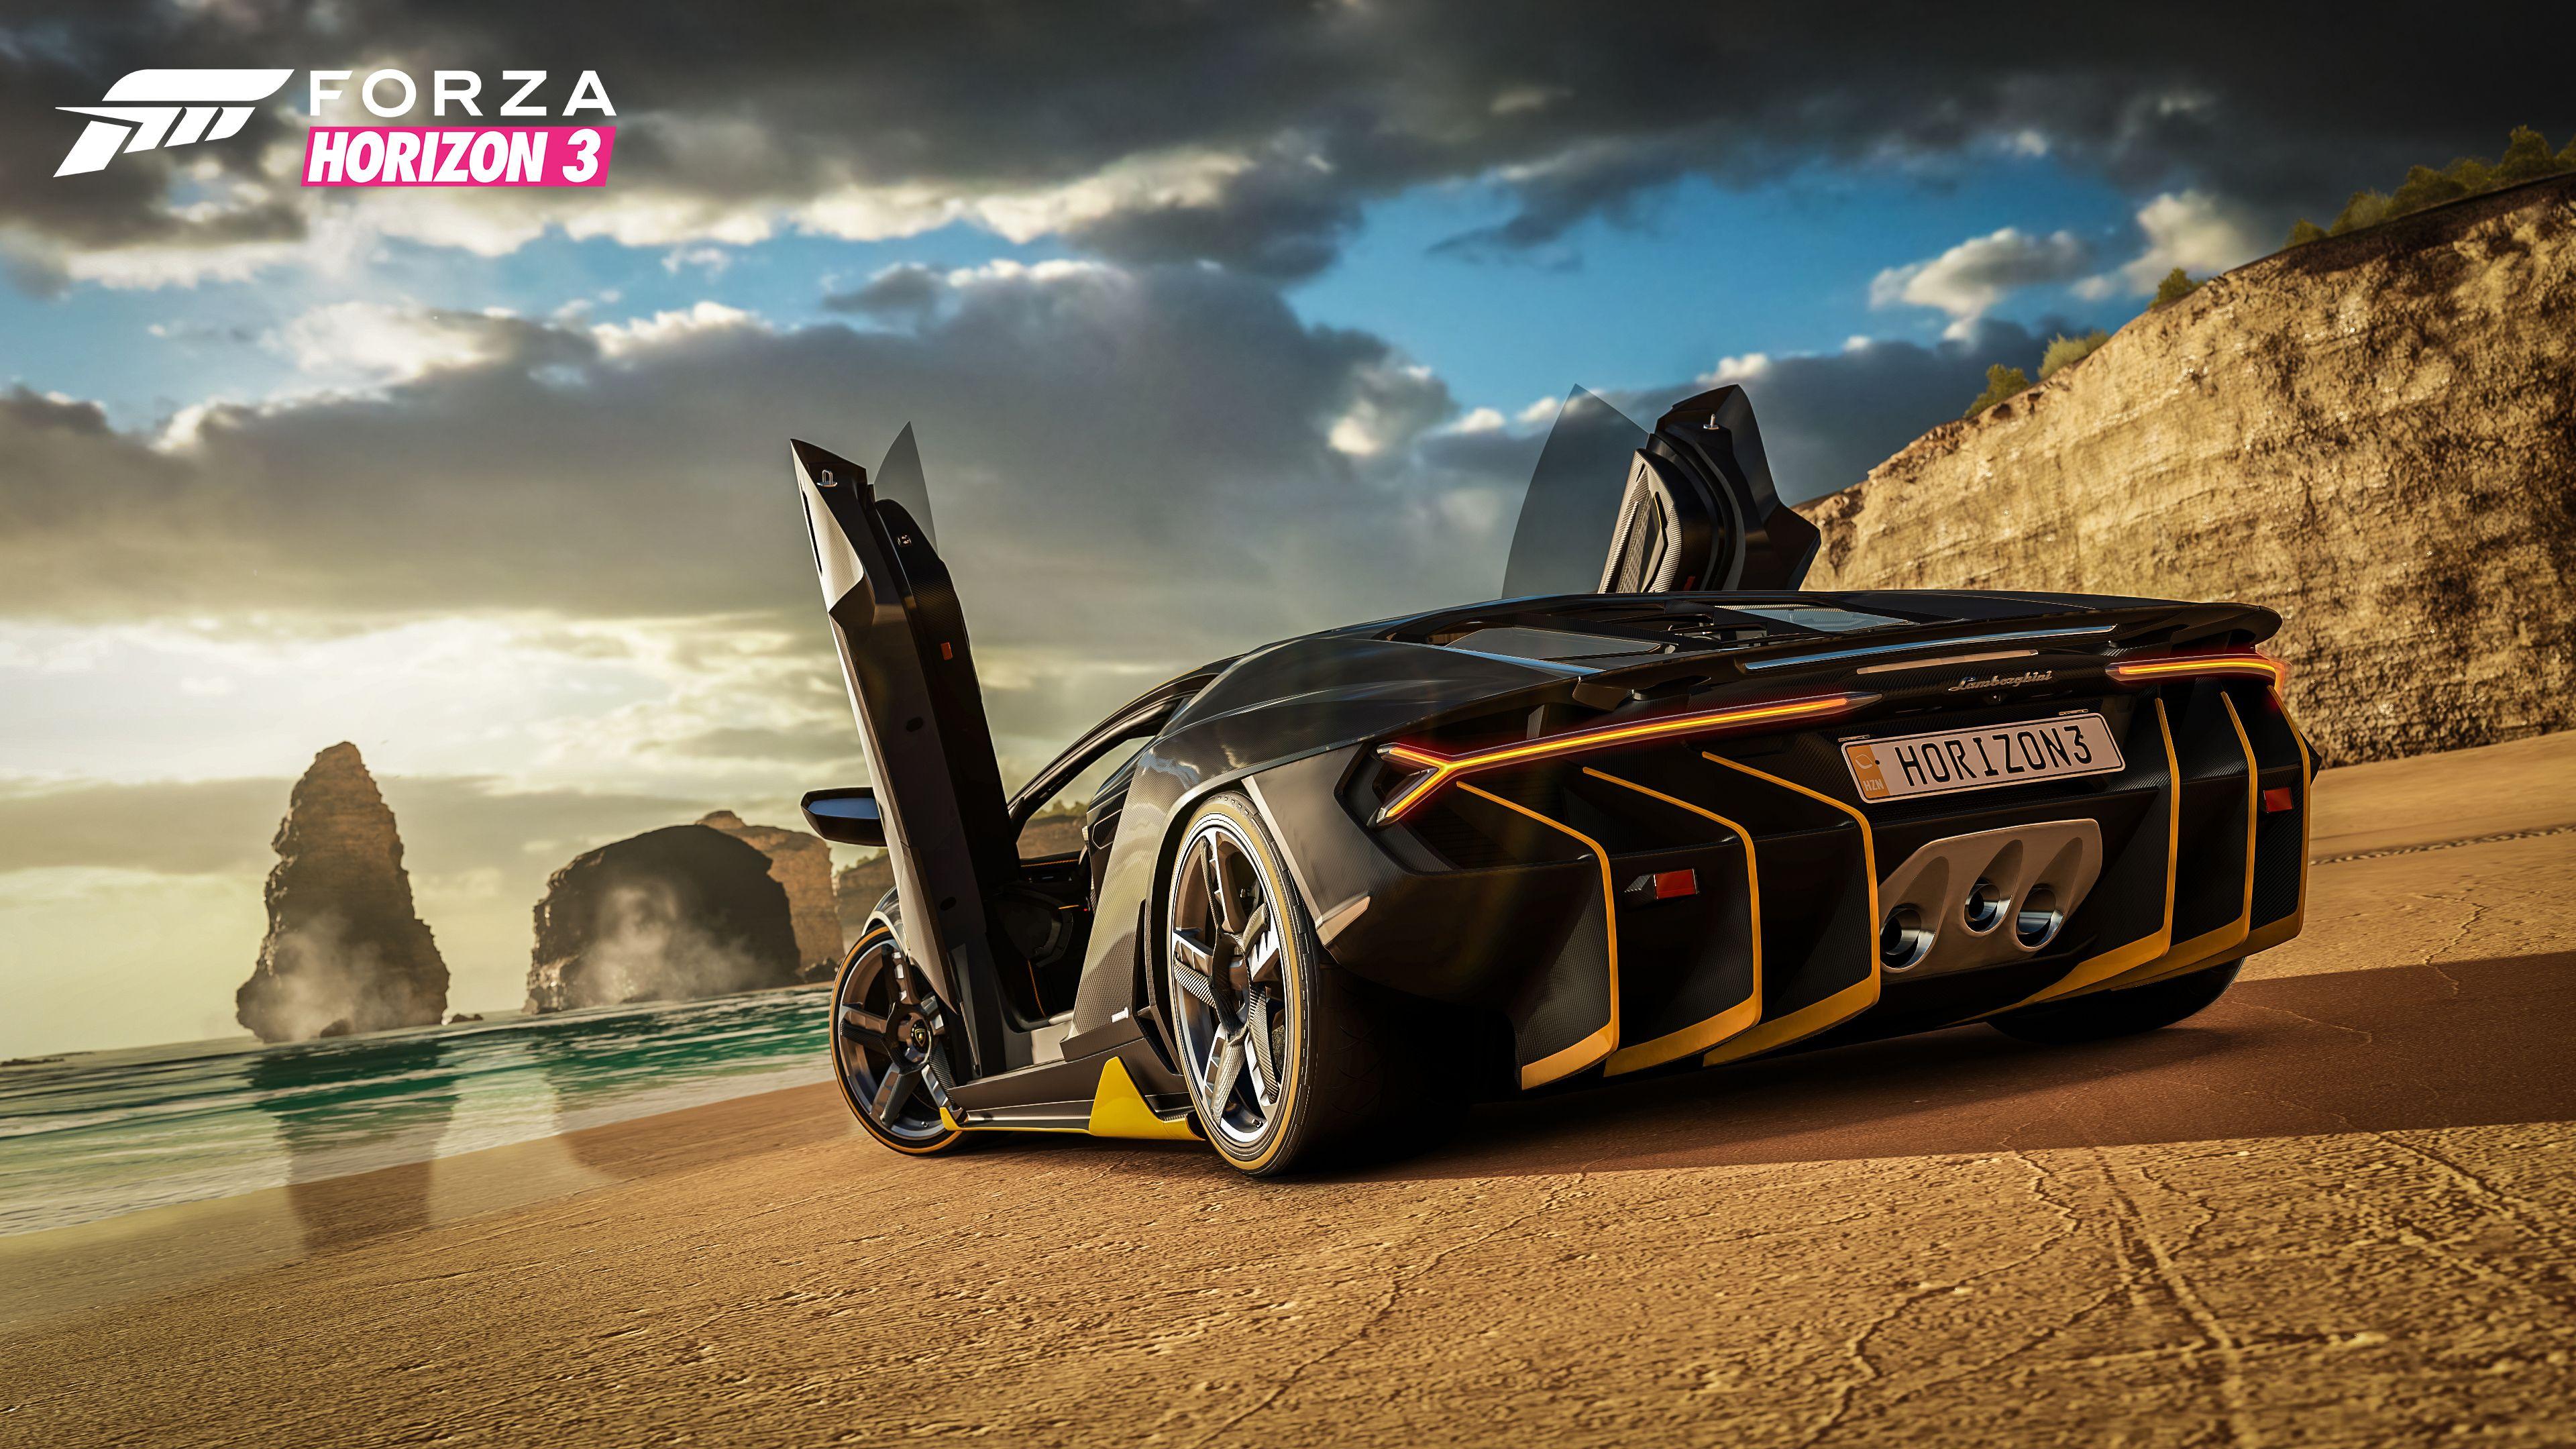 بروزرسانی جدید Forza Horizon 3 آن را به لیست بازی های با رزولوشن ۴k ایکس باکس وان ایکس اضافه میکند